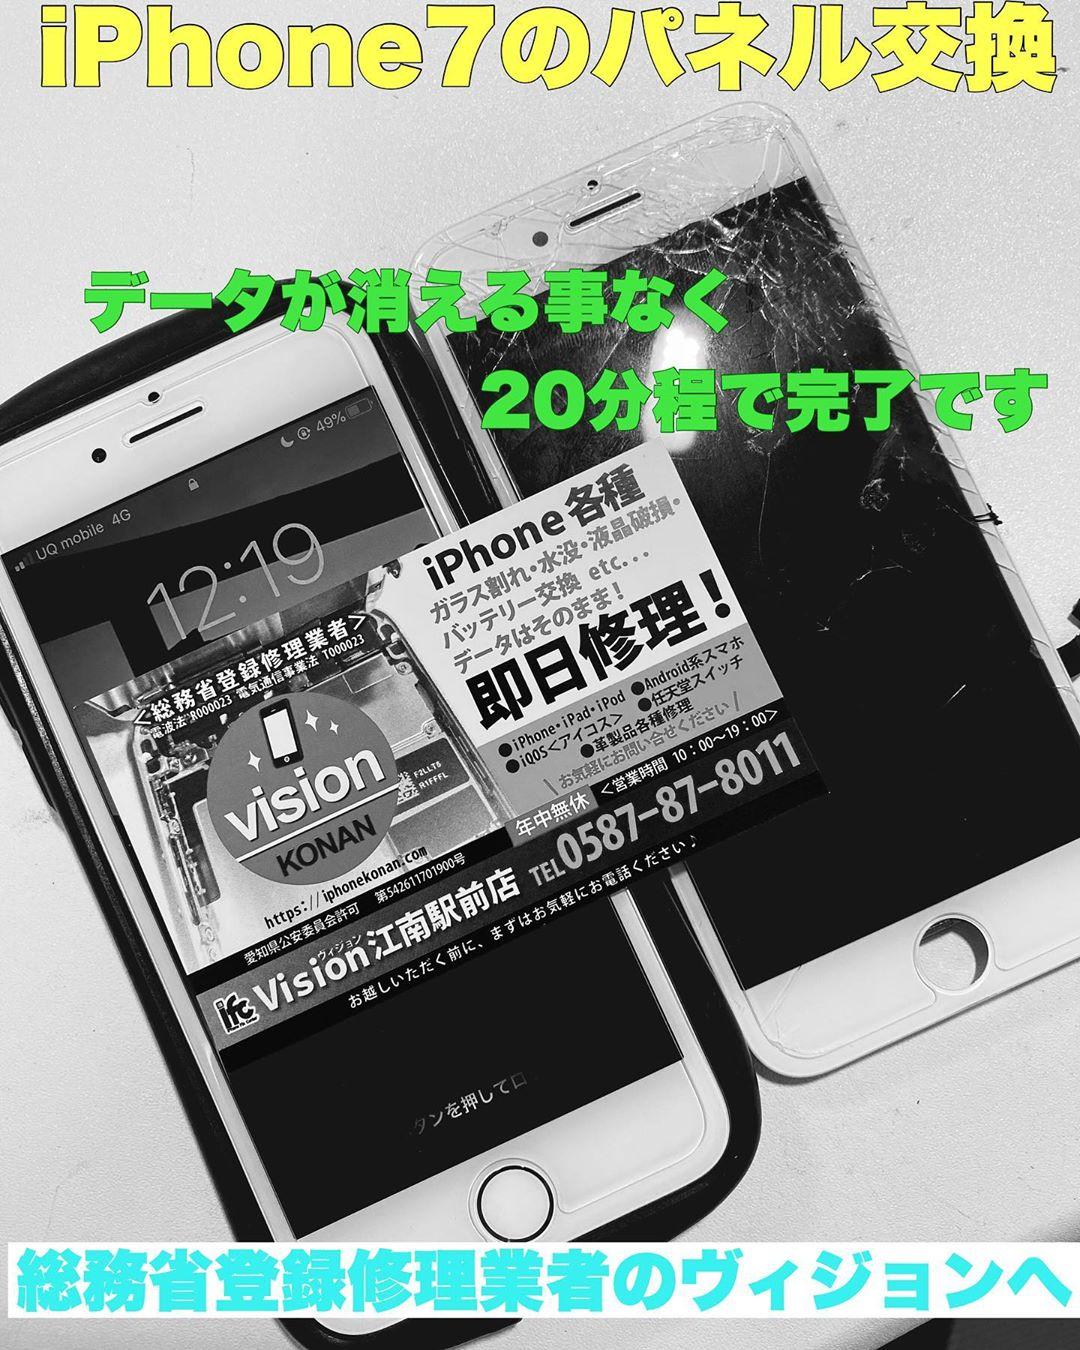 アイフォン修理 江南市 iPhone7 パネル交換